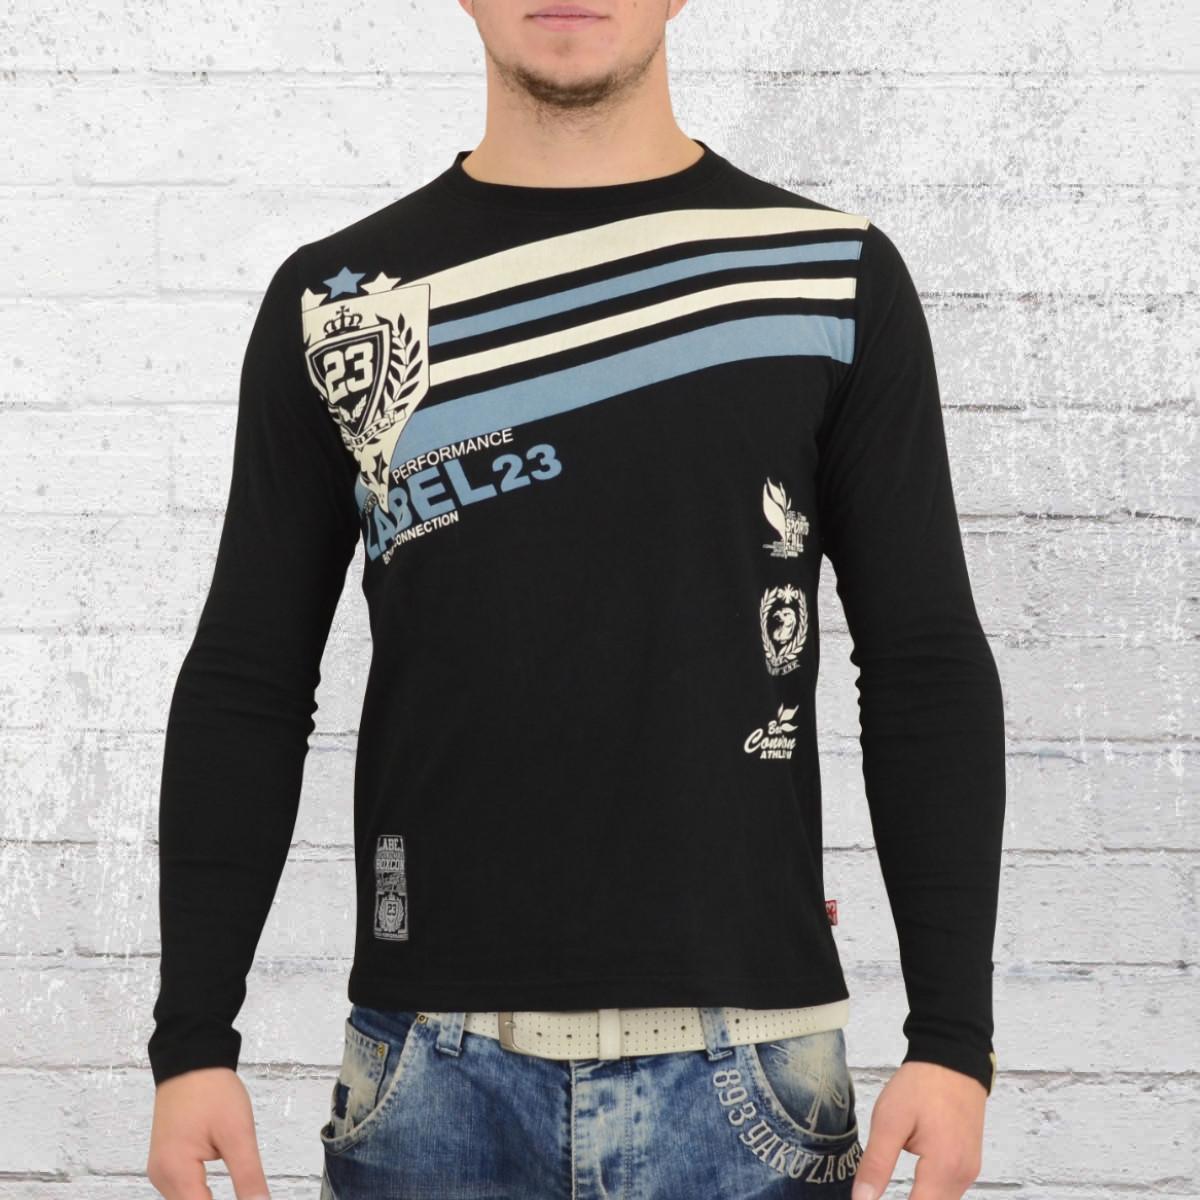 Label 23 Männer Longsleeve T-Shirt Retro schwarz